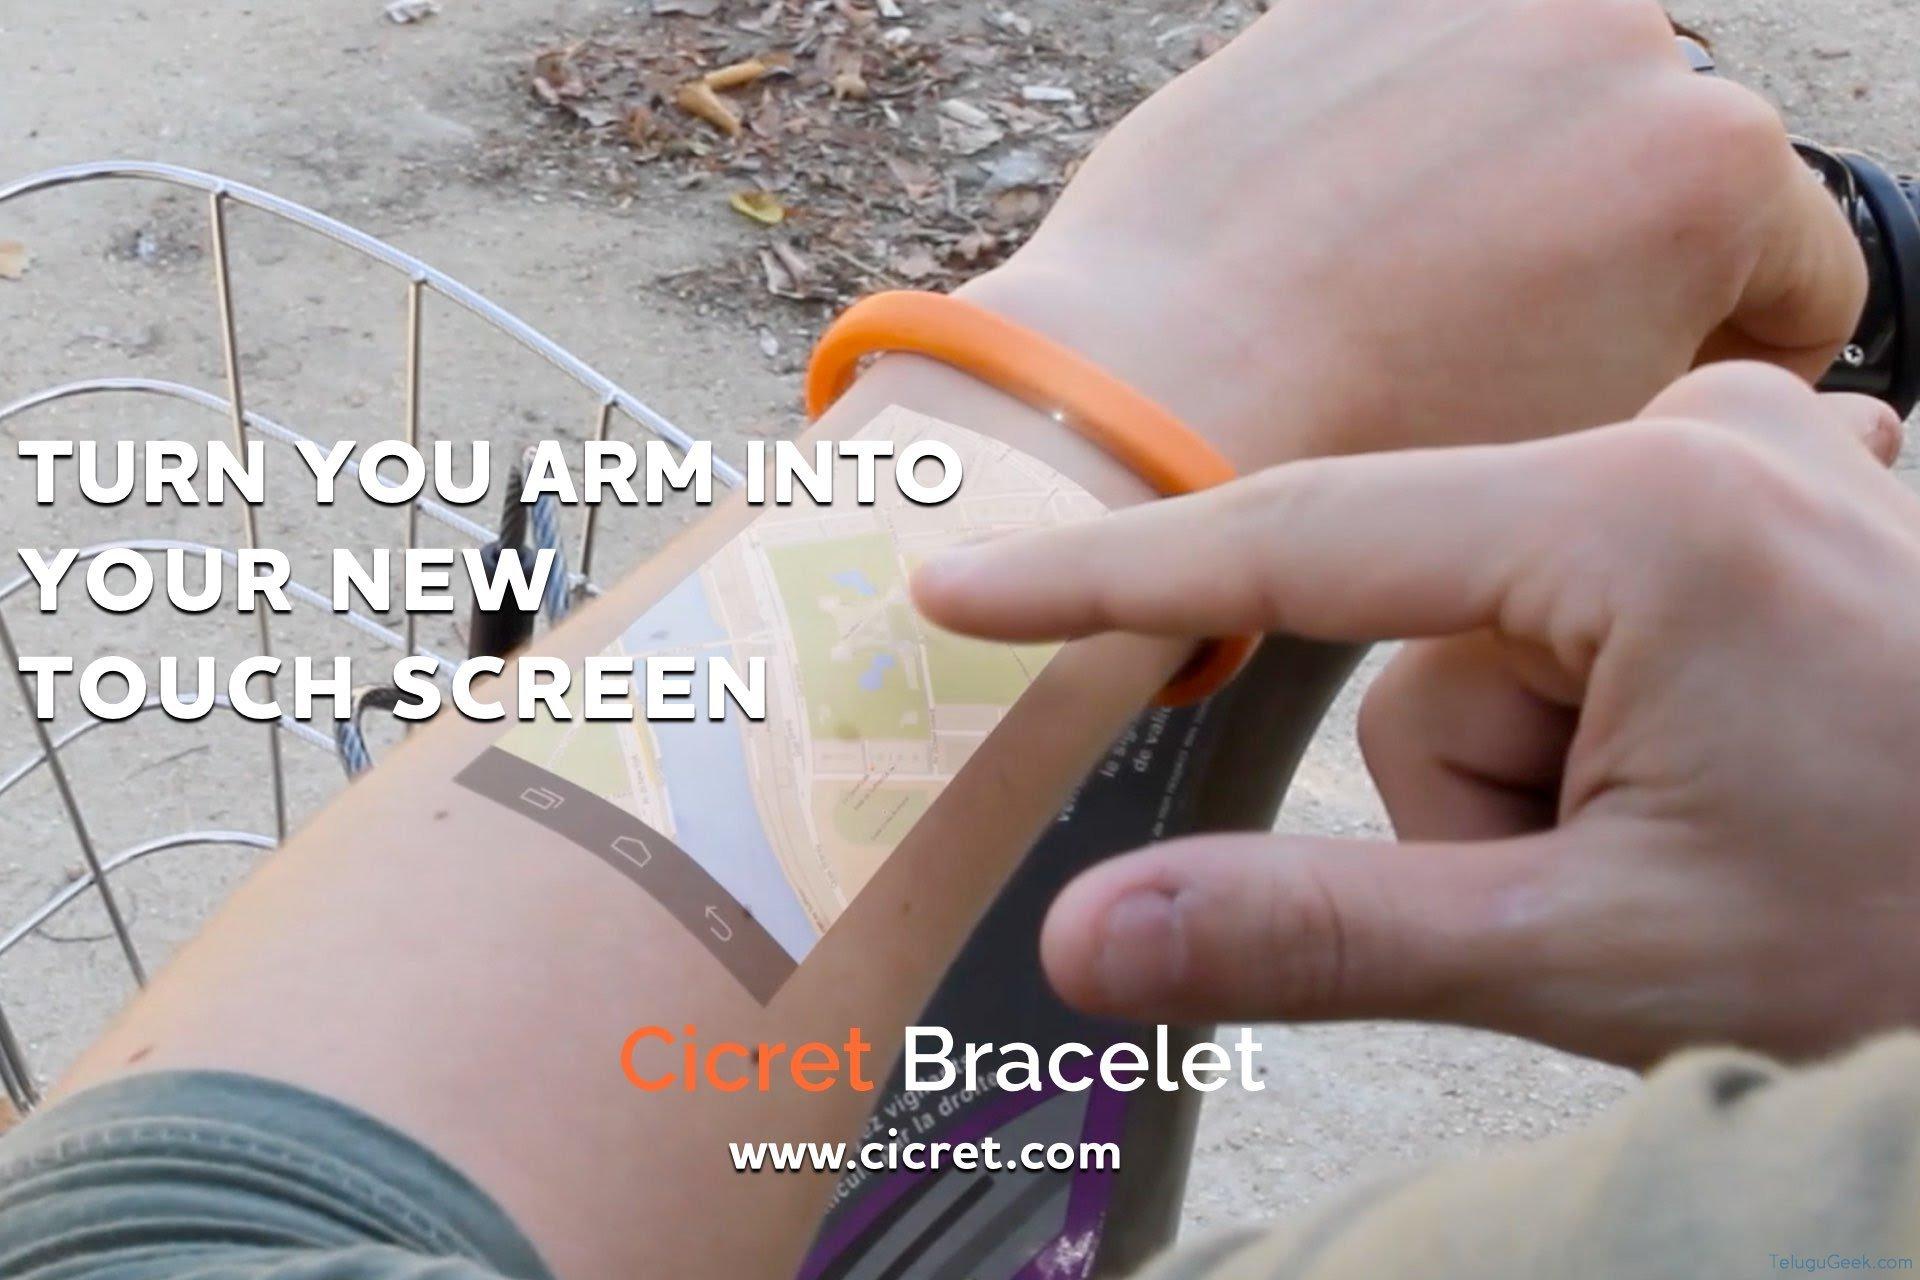 Cicret Bracelet: మీ చేతినే ఫోనులా మారుస్తుంది